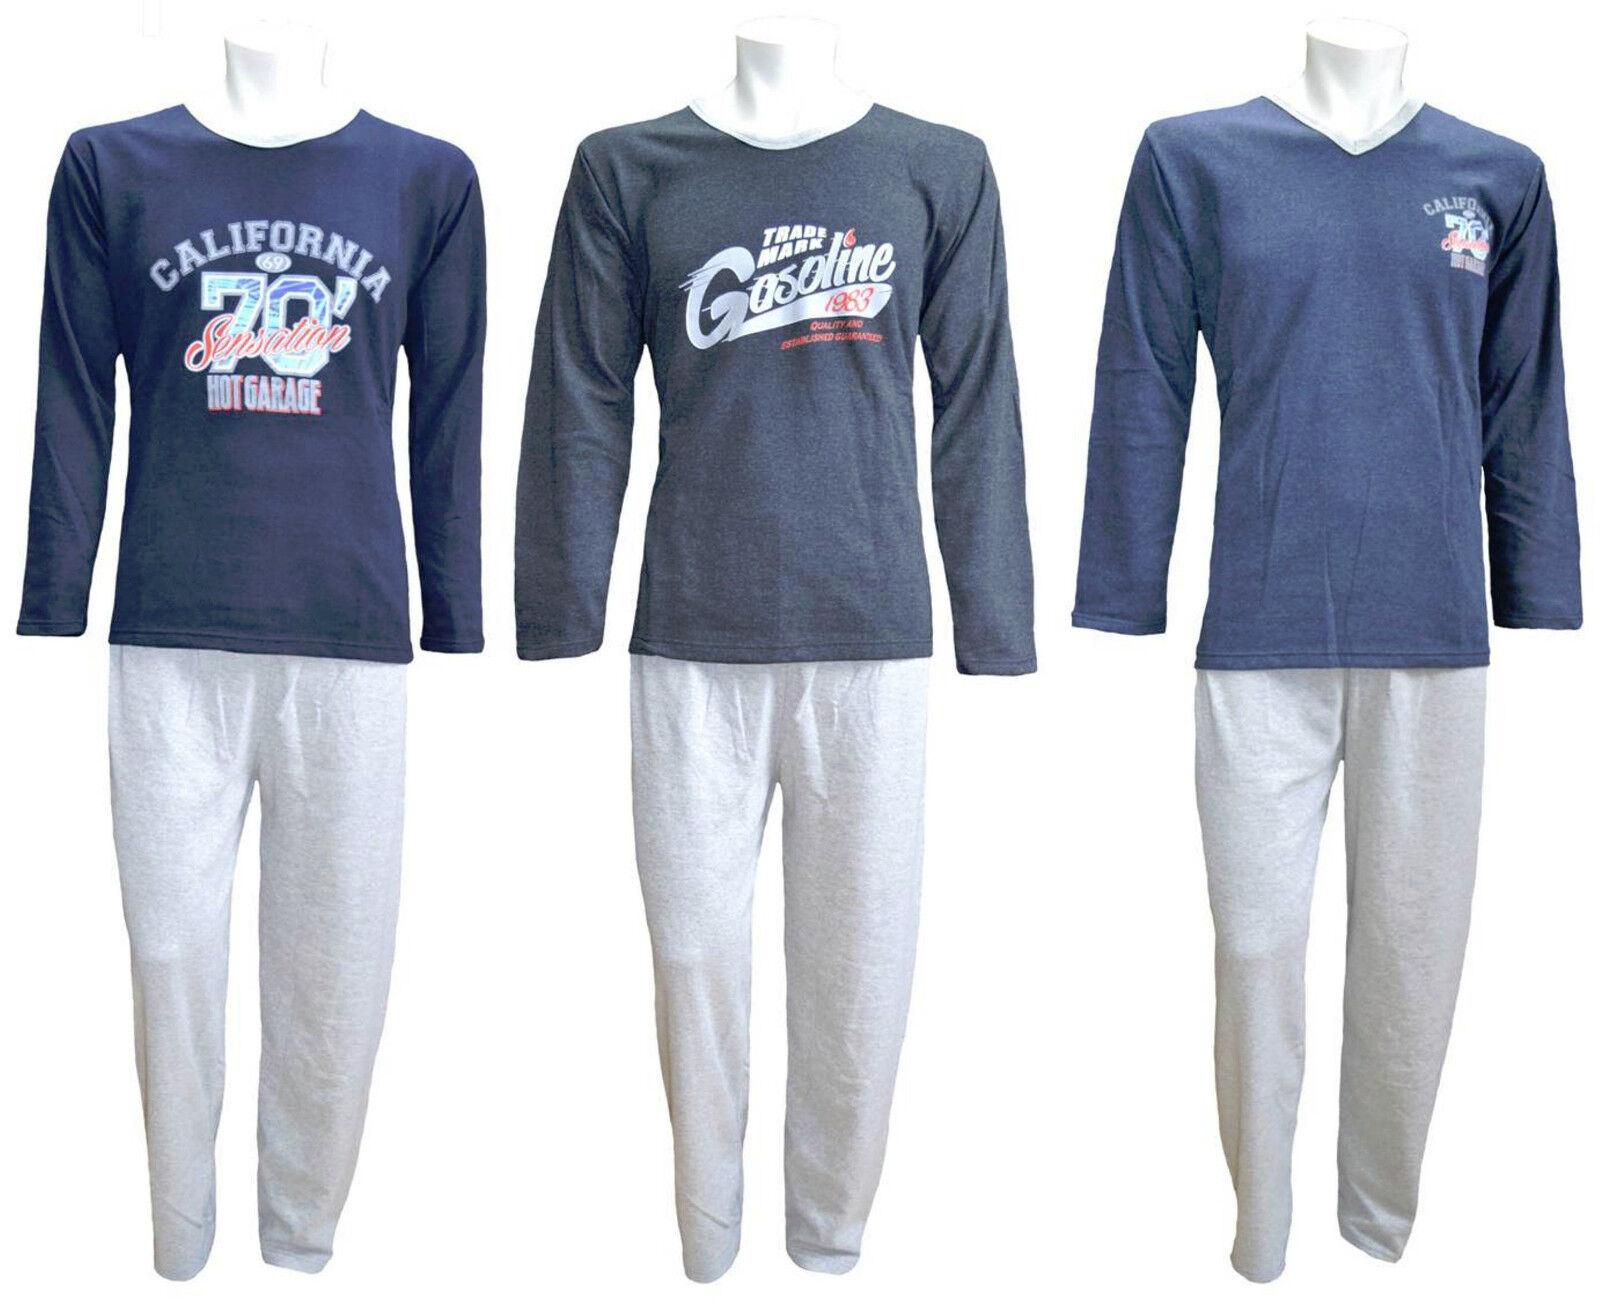 Warmer Herren Schlafanzug Pyjama,Lang, mit Motiv,Baumwolle, Gr. M-XXL